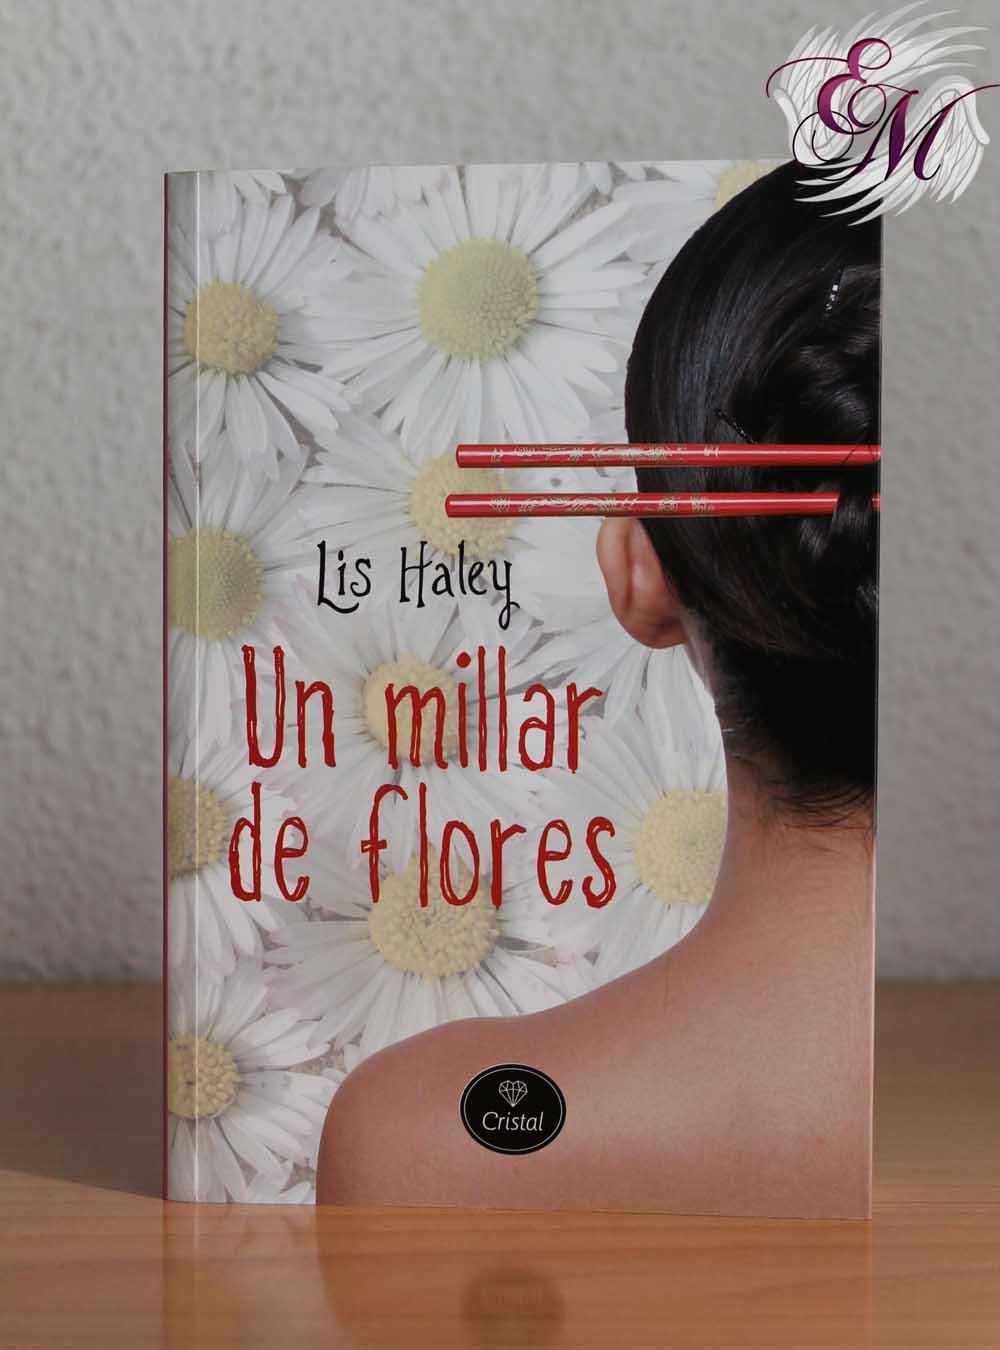 Un millar de flores, de Lis Haley – Reseña